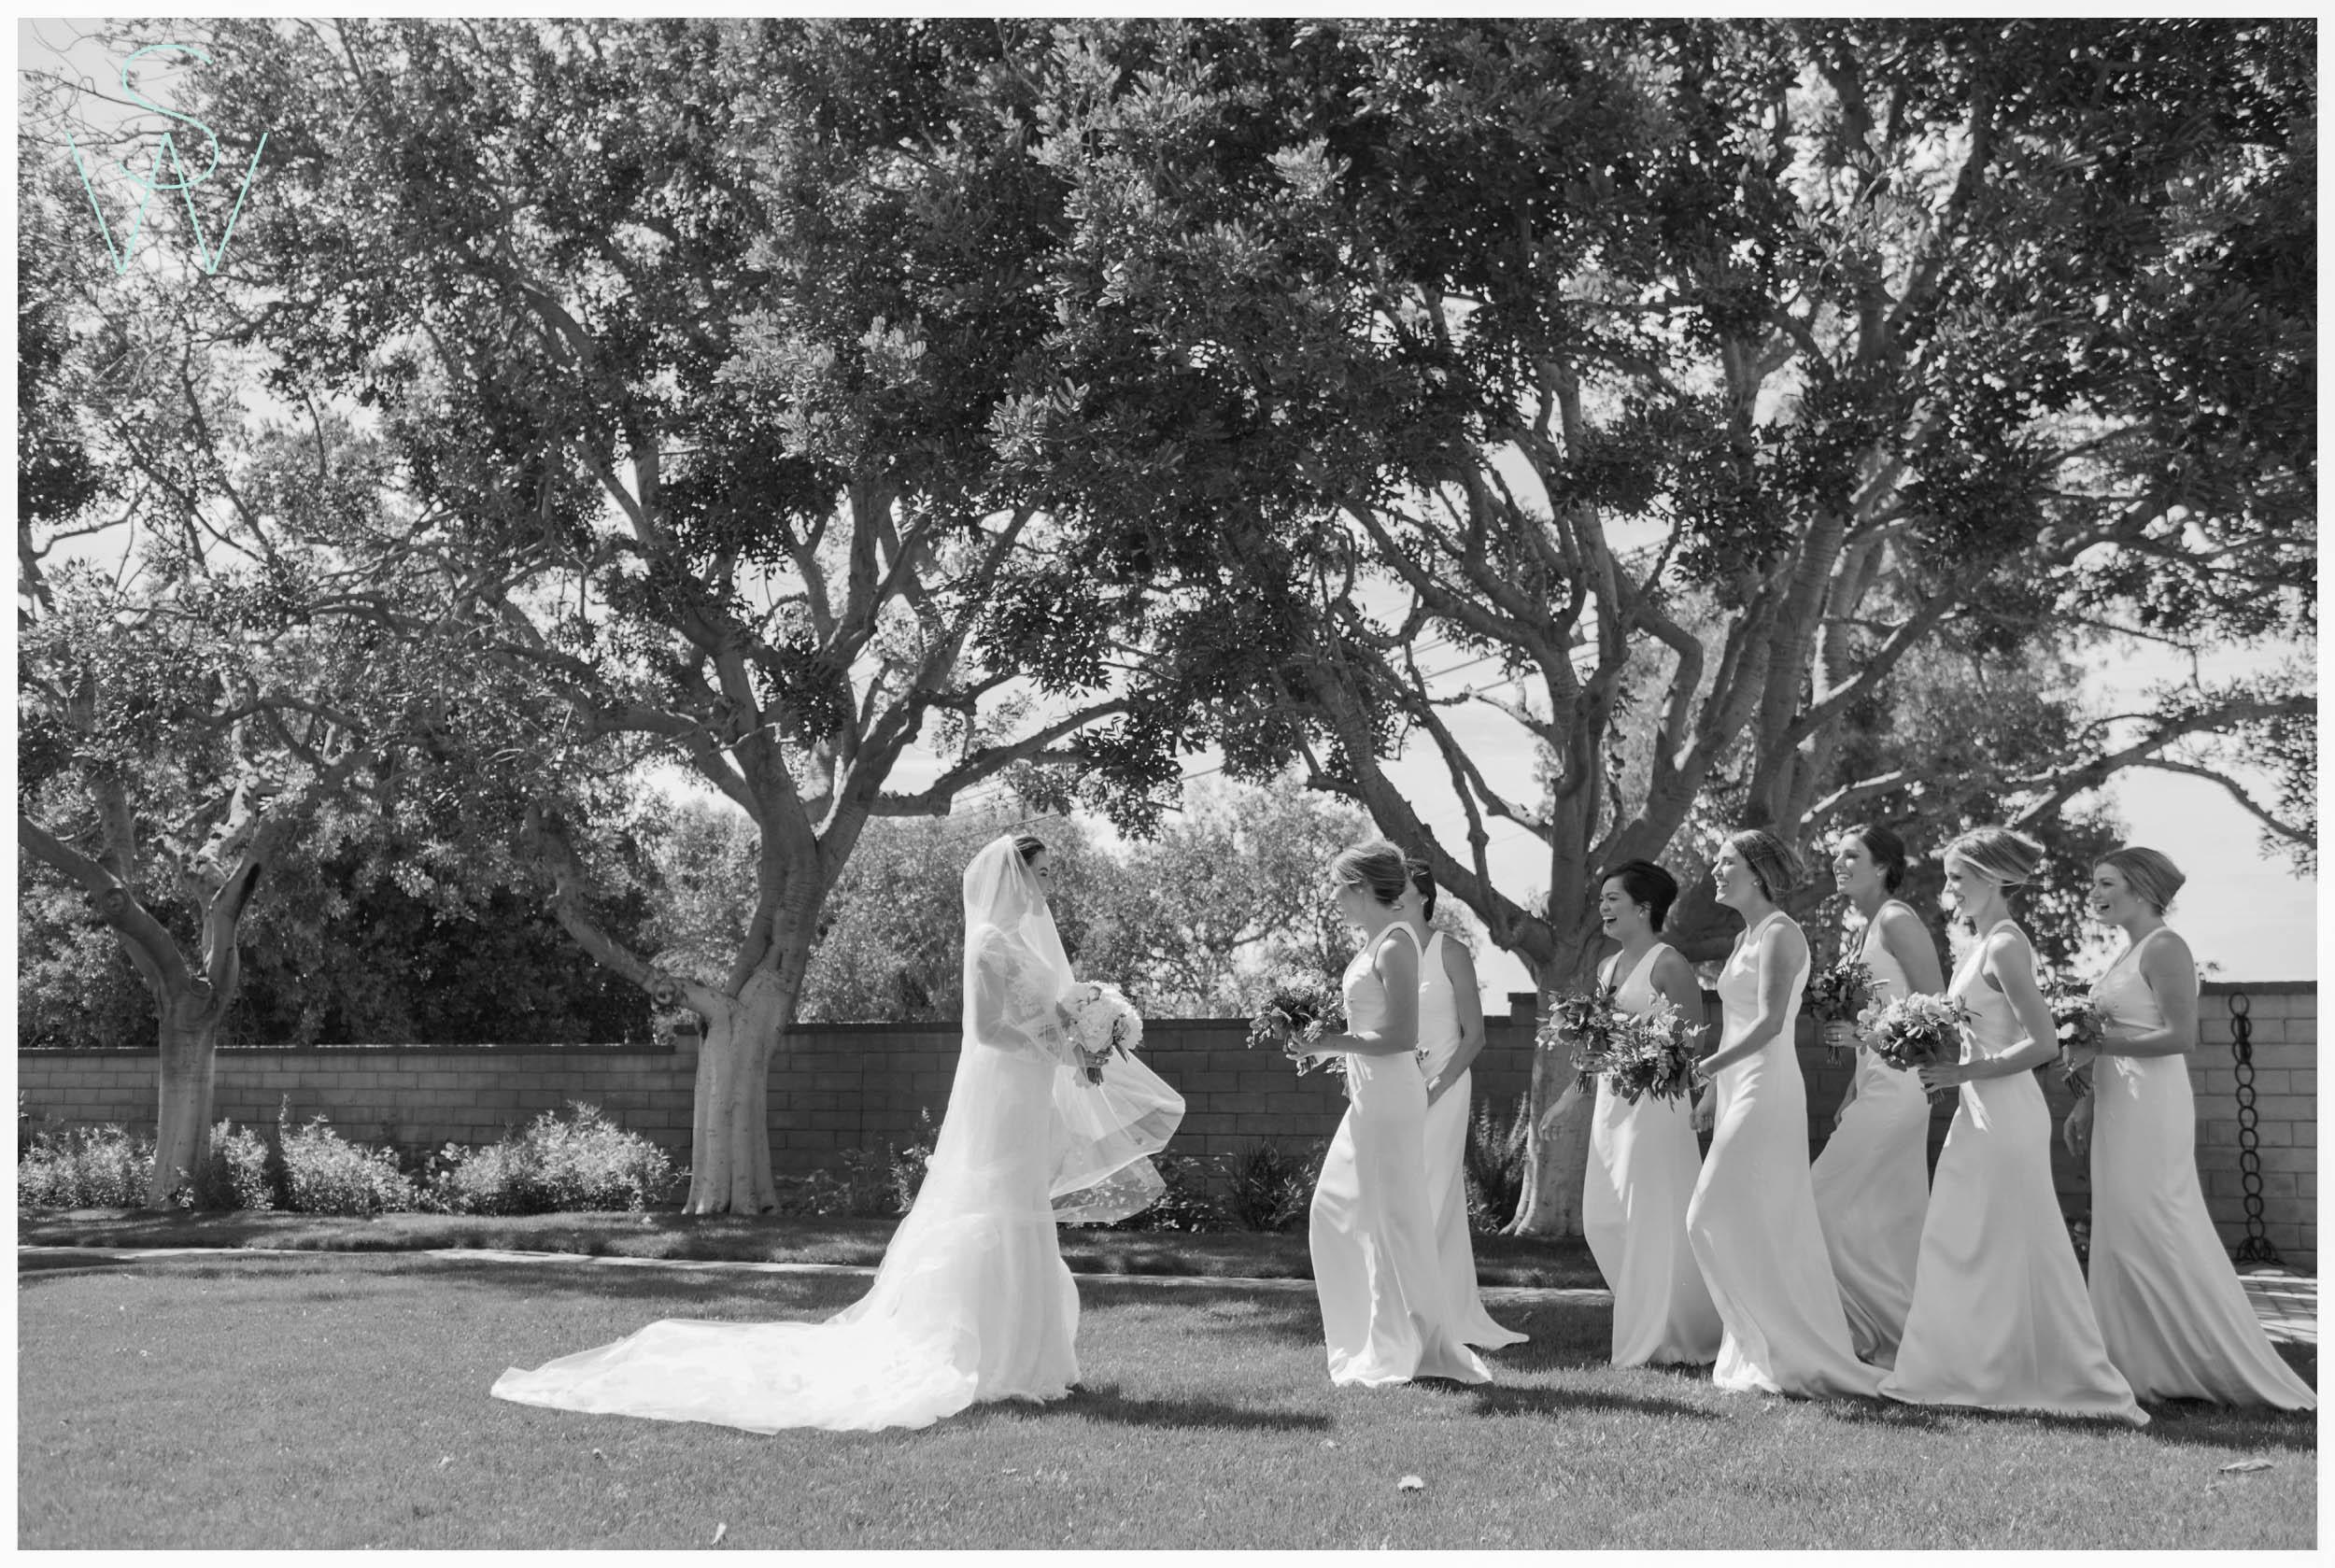 Shewanders.san_.diego_.wedding.photography.private.estate.tara_.jason-3783.jpg.diego_.wedding.photography.private.estate.tara_.jason-378.jpg